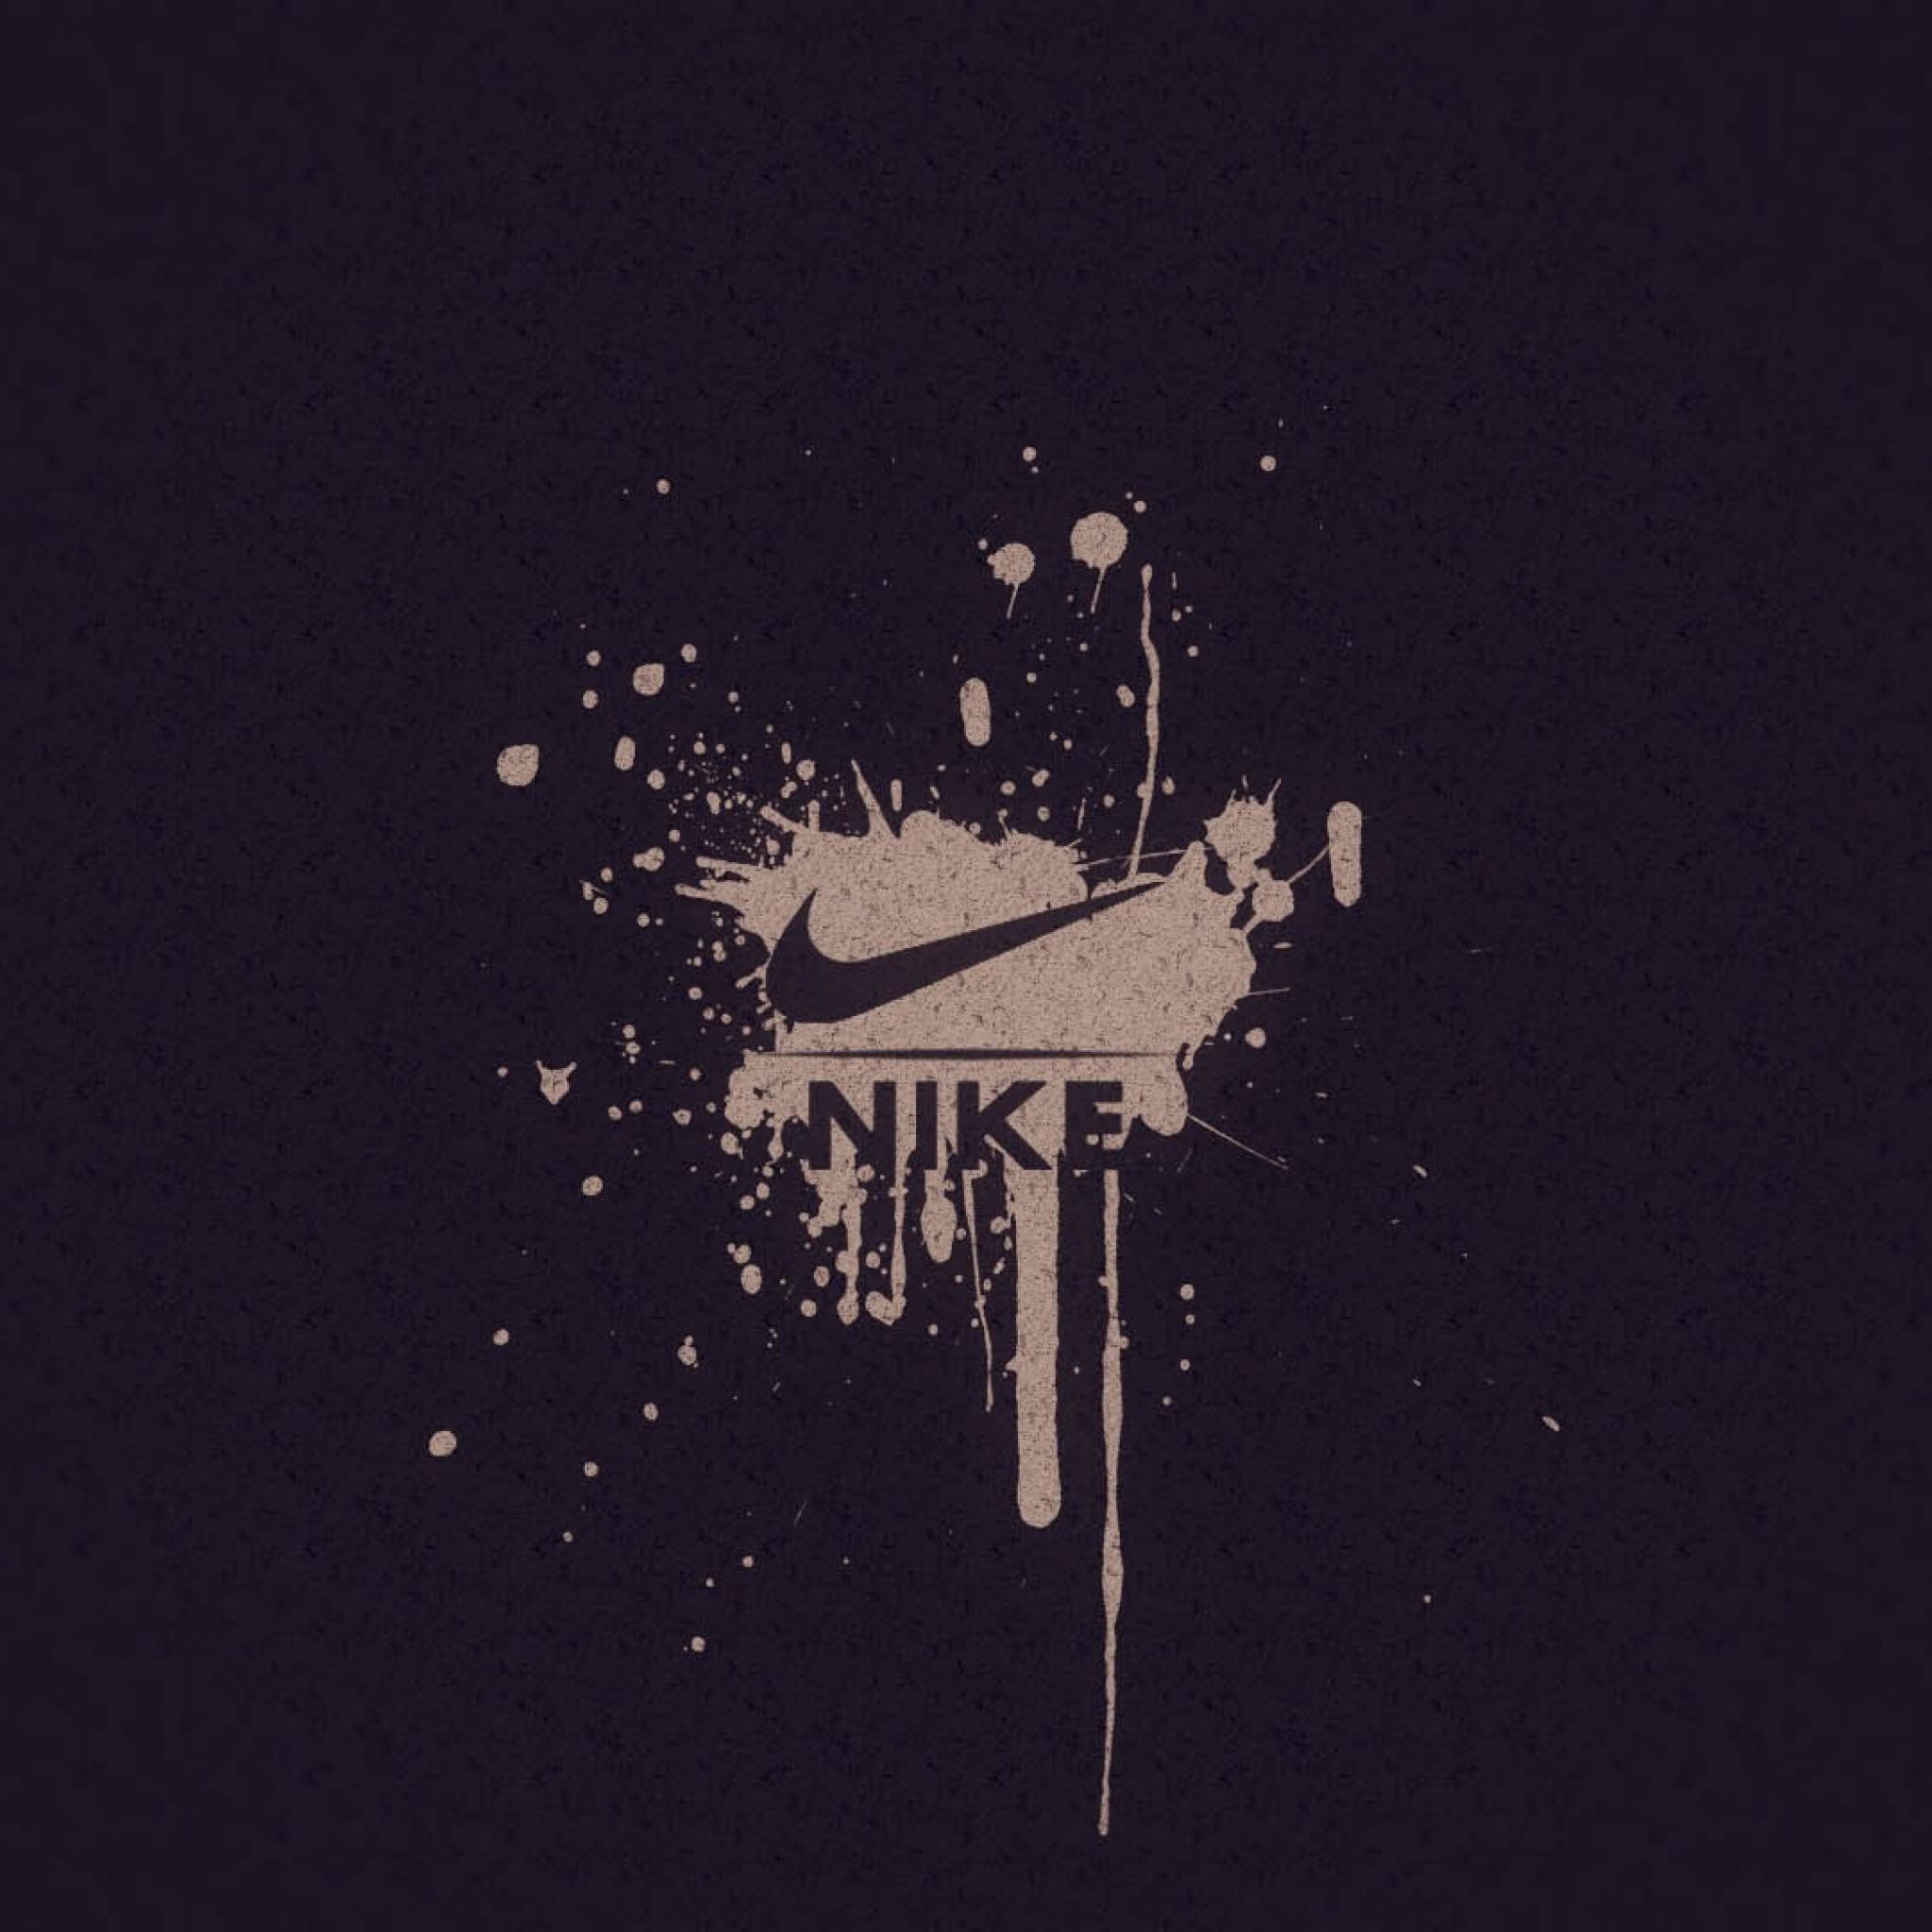 Nike Wallpaper Iphone 5 Nike wallpaper…